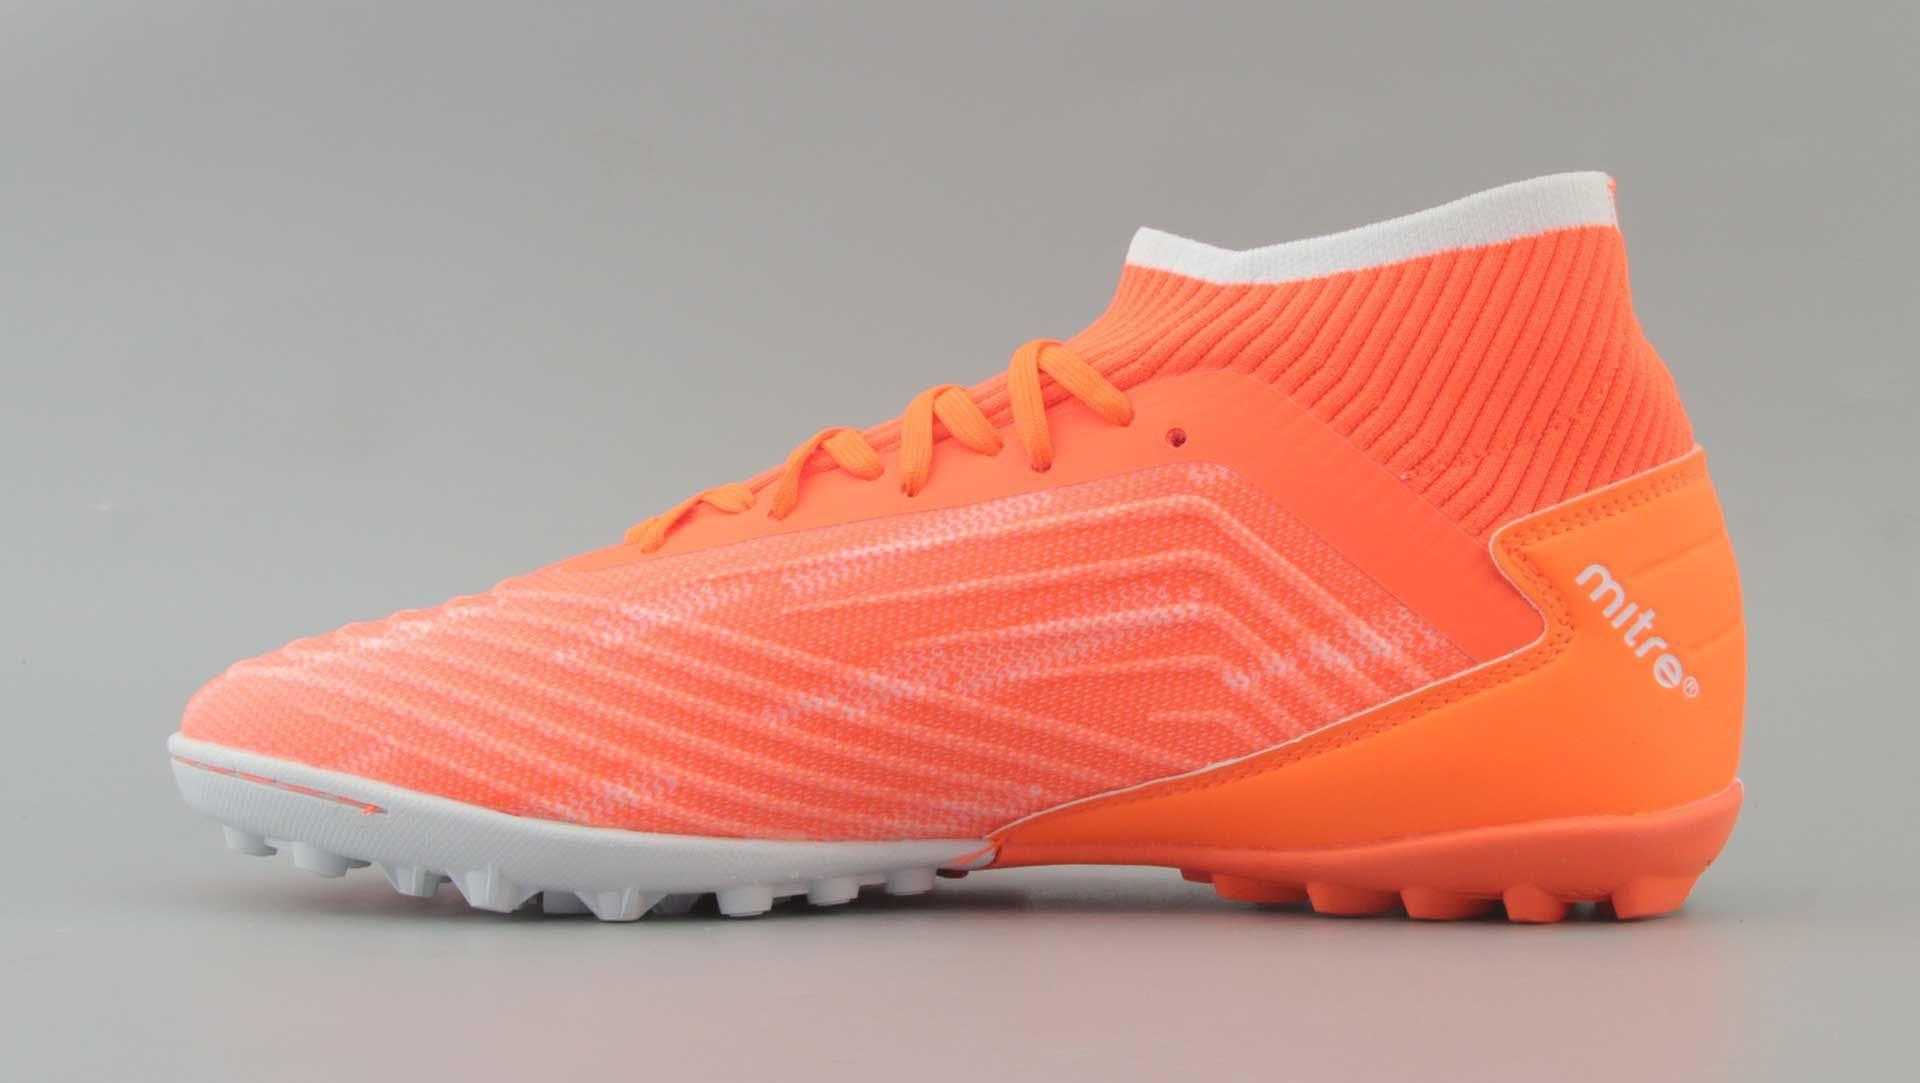 Giày đá bóng Mitre chính hãng thế hệ mới với thiết kế đẹp mắt